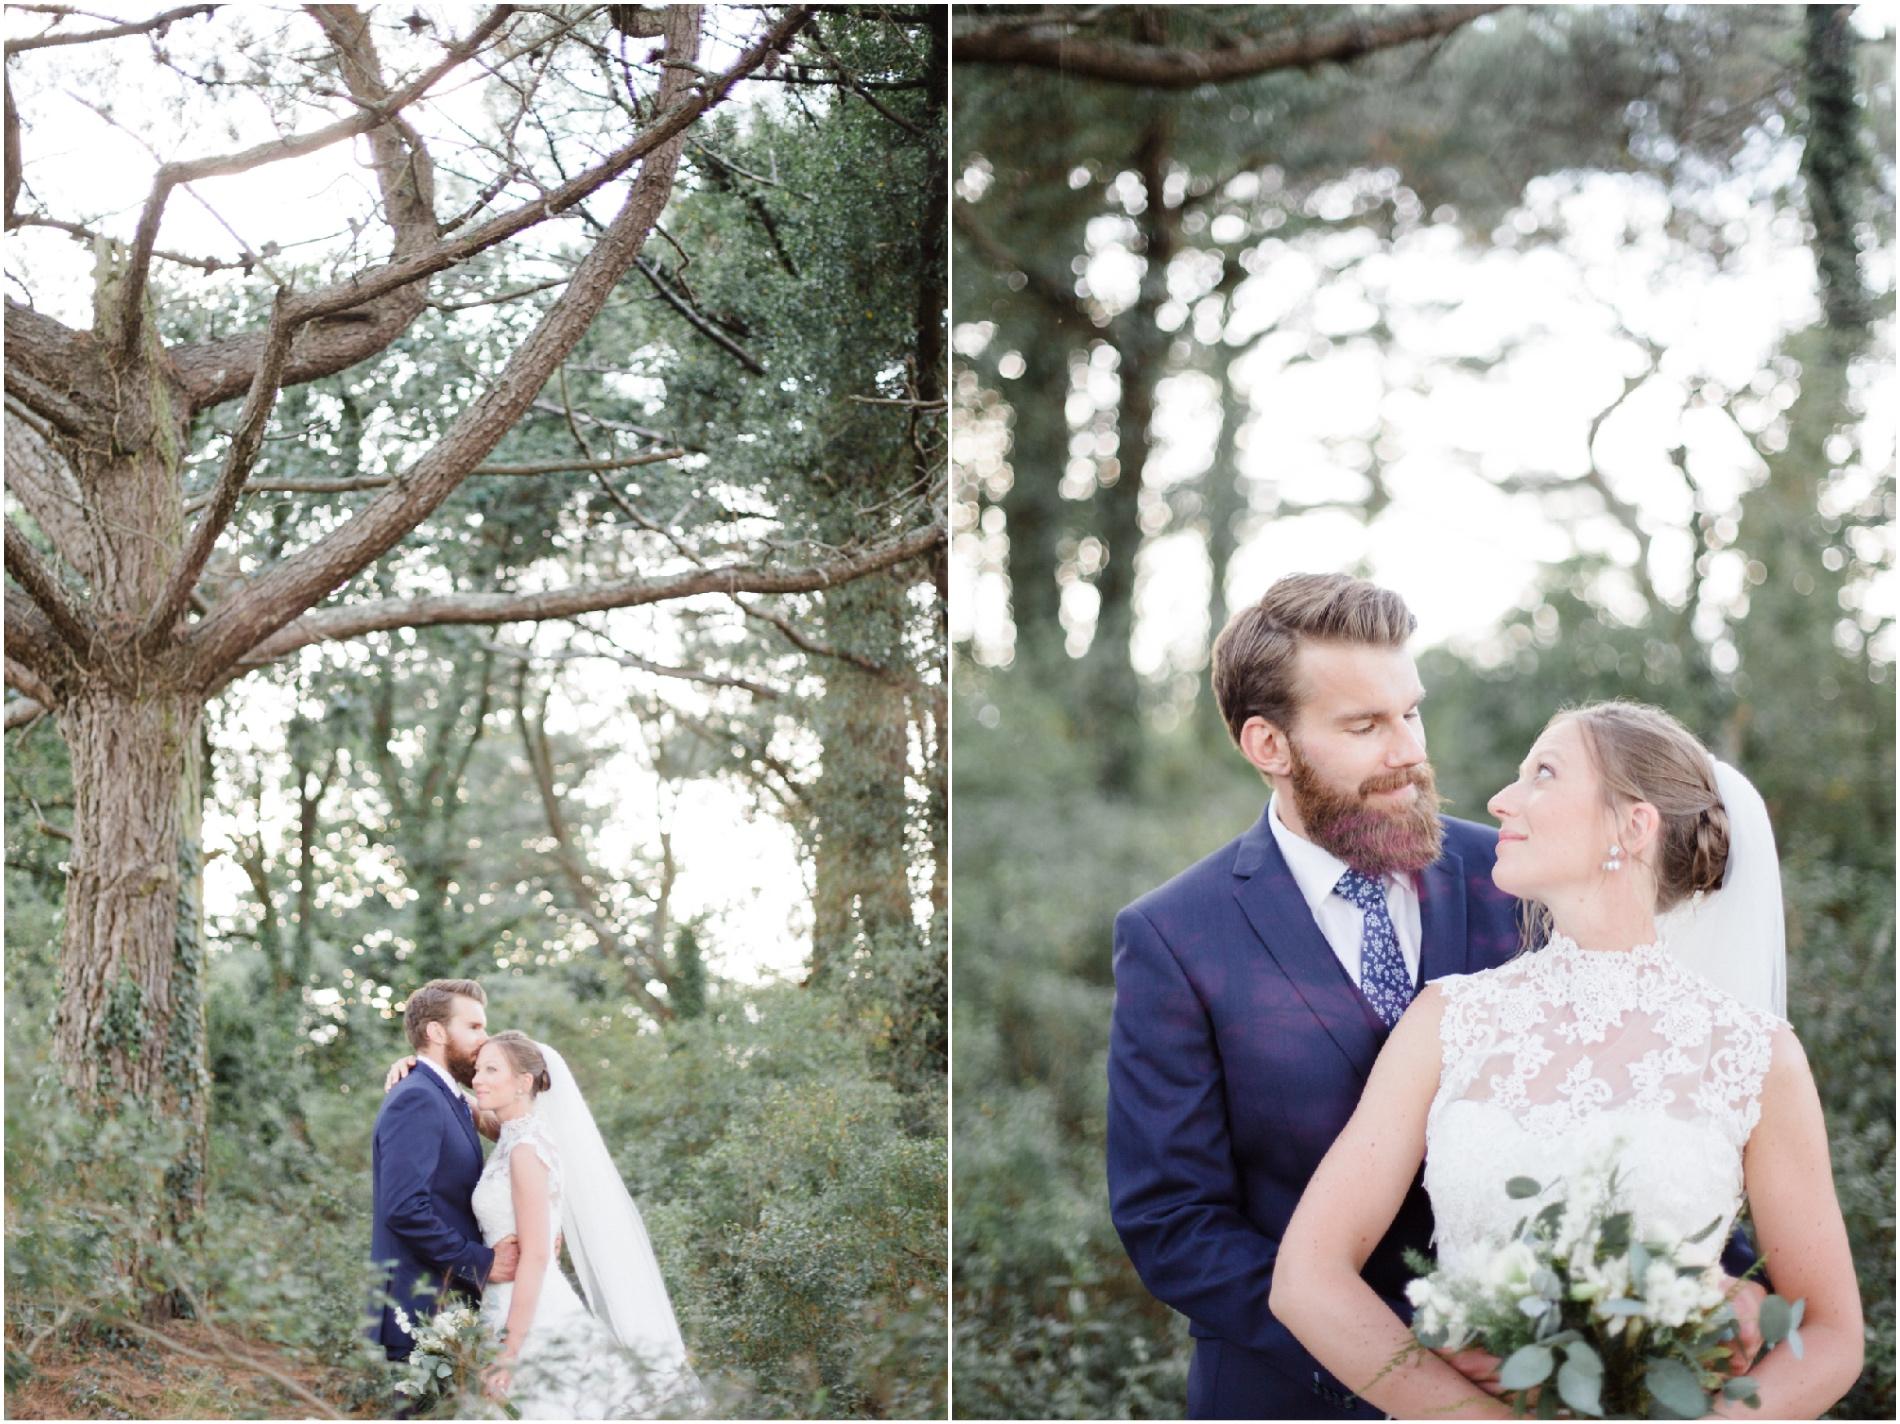 photographe-mariage-bretagne-mt-dyptique20